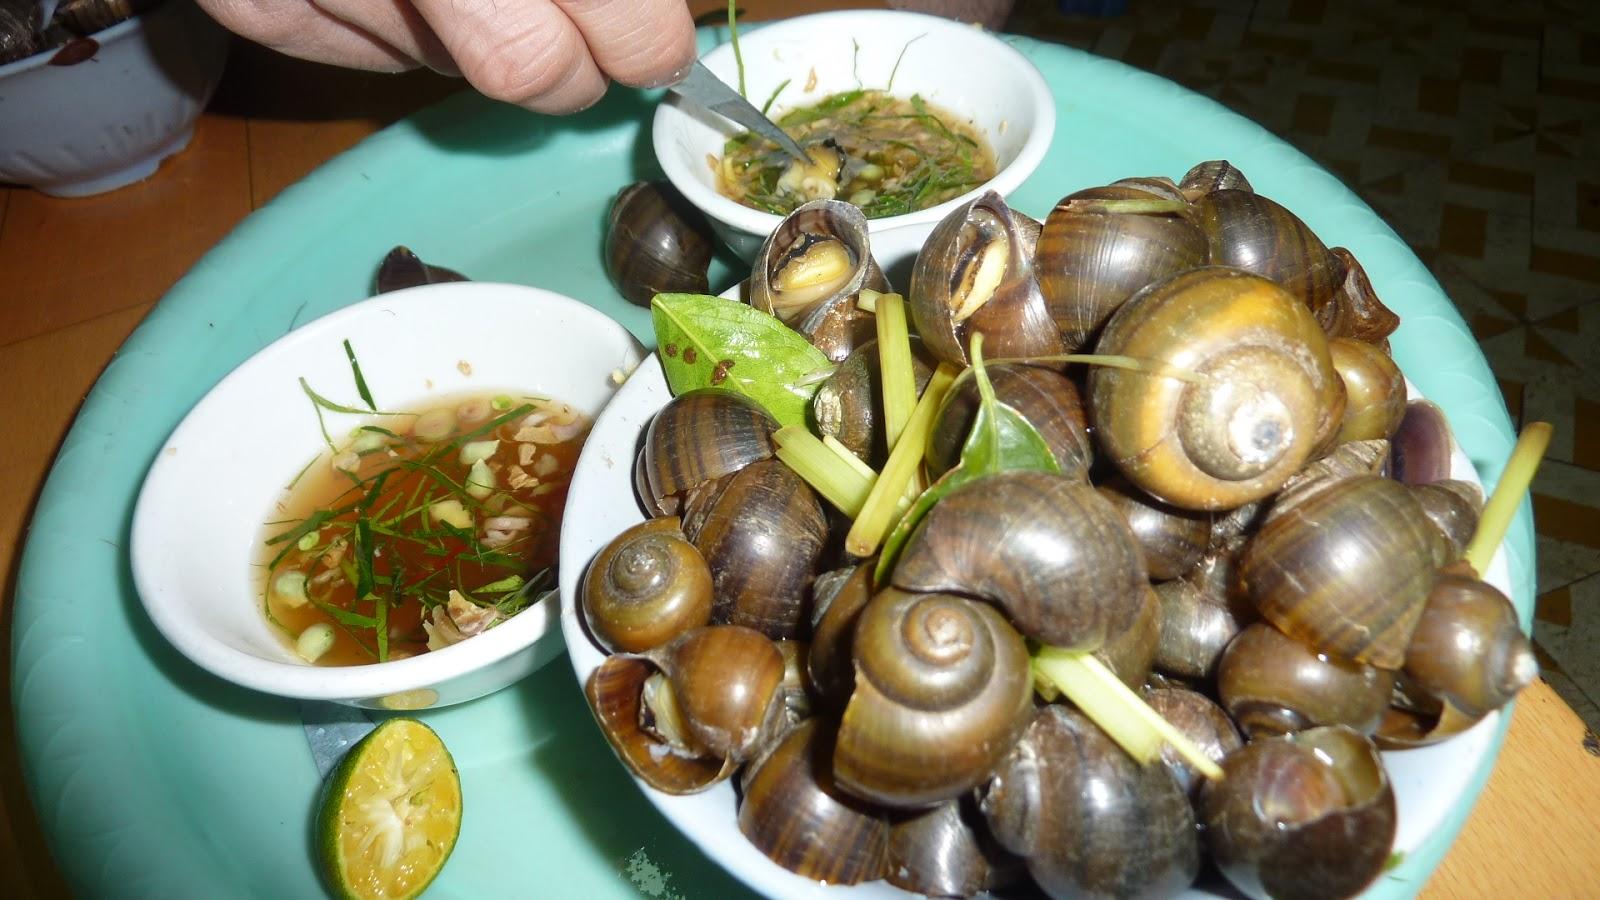 petunialee eating snails in hanoi